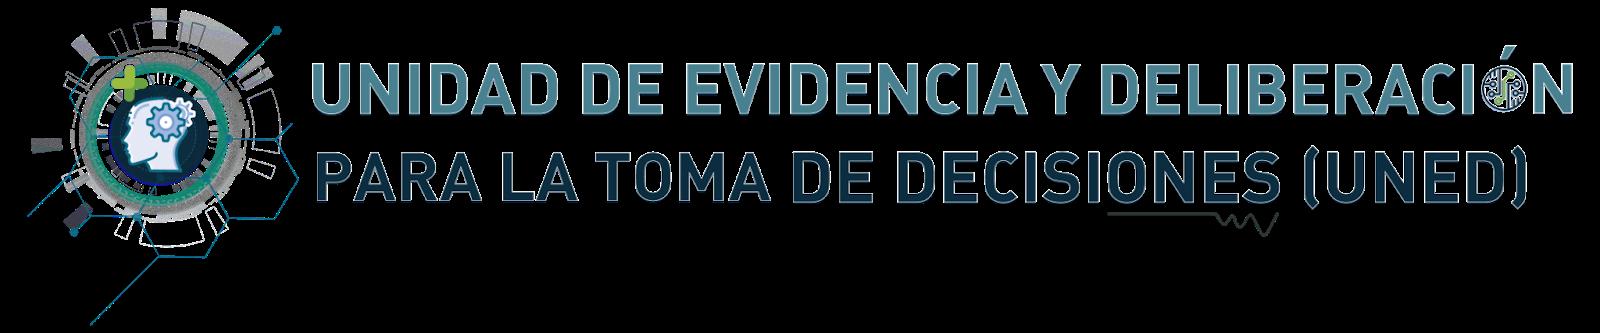 Unidad de Evidencia y Deliberacion Logo